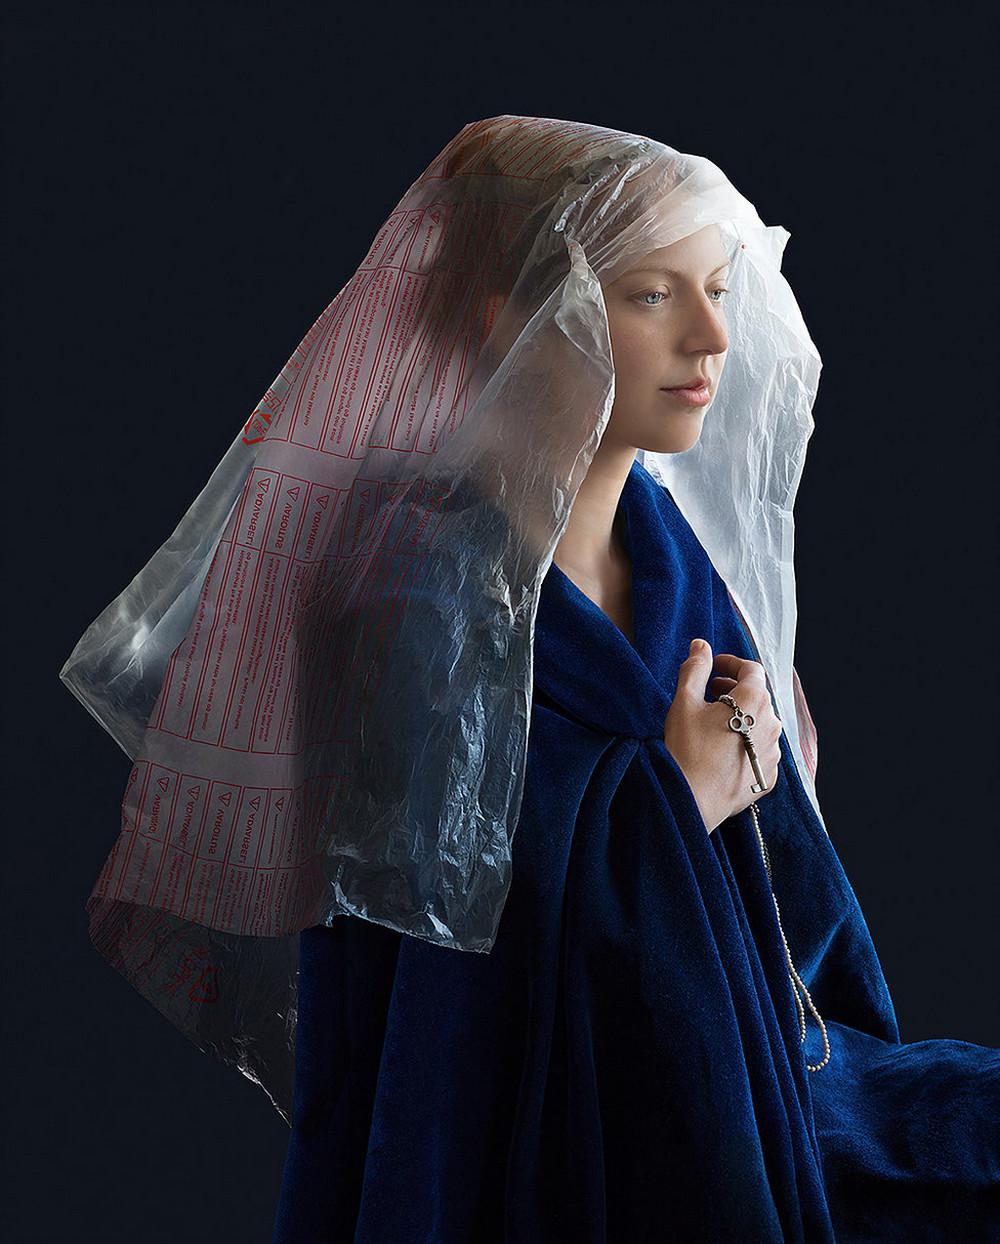 kostyumy-iz-vtorichnyh-materialov-portrety-Syuzanna-Yongmans 6